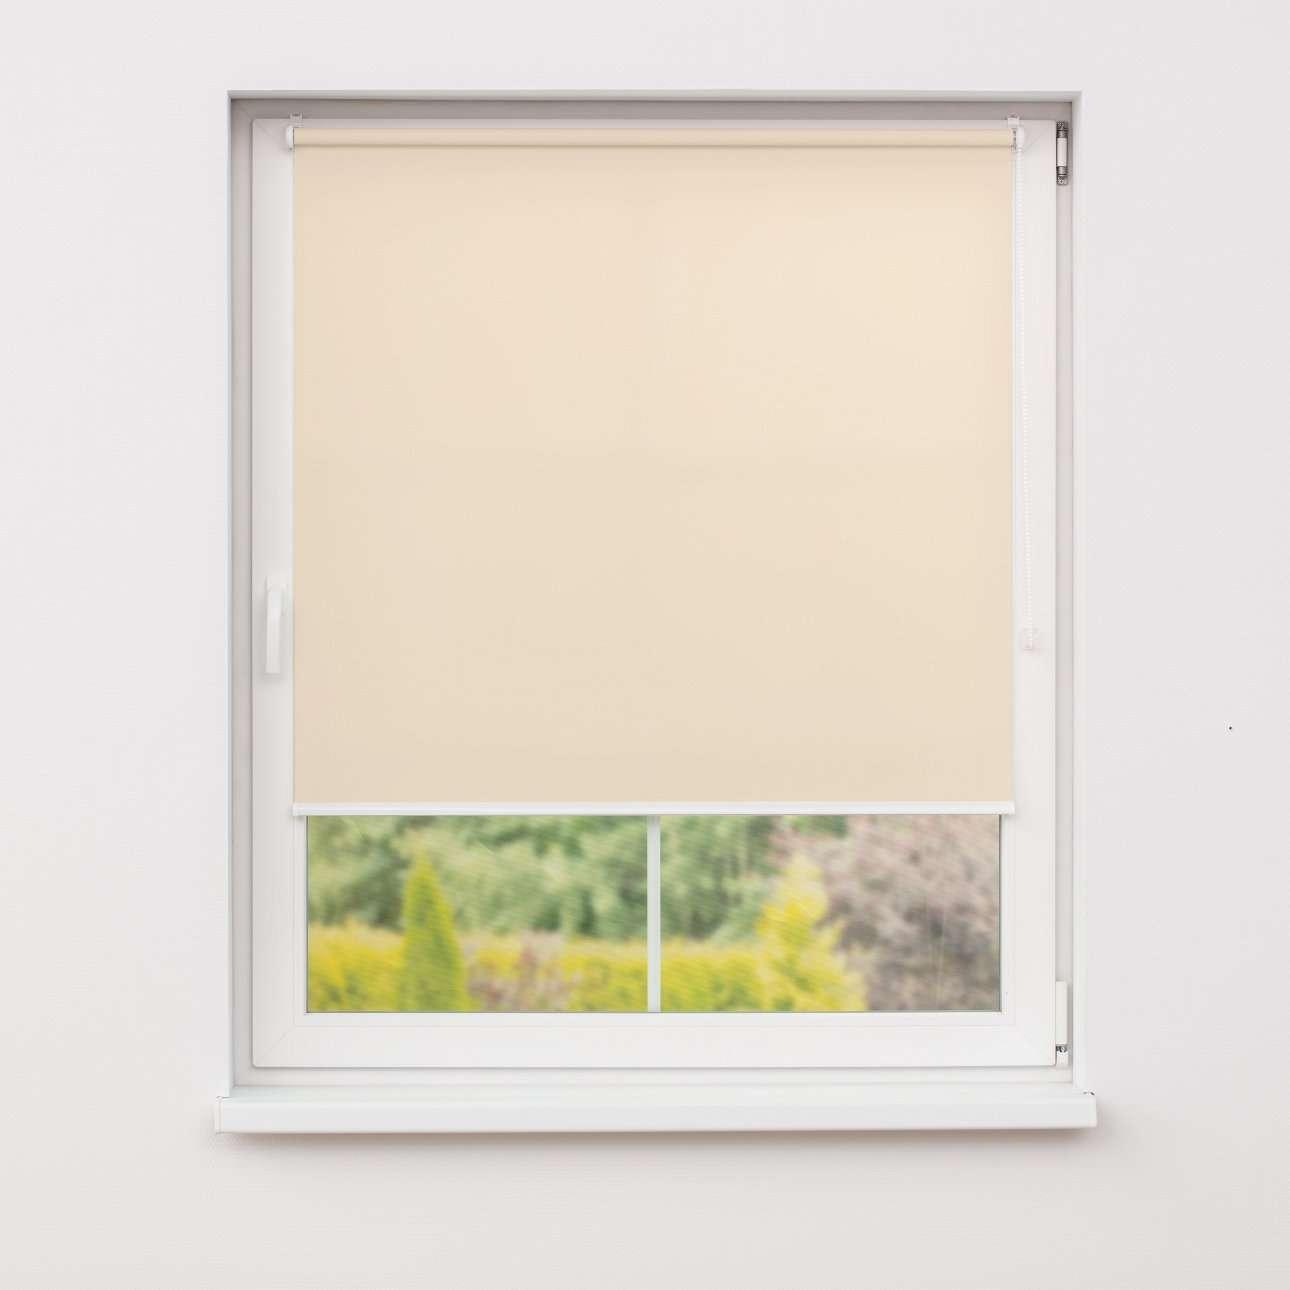 Mini roller blind (compact design for fitting inside window recess) în colecție Jaluzele tip rolete transparente, țesătură: 4996